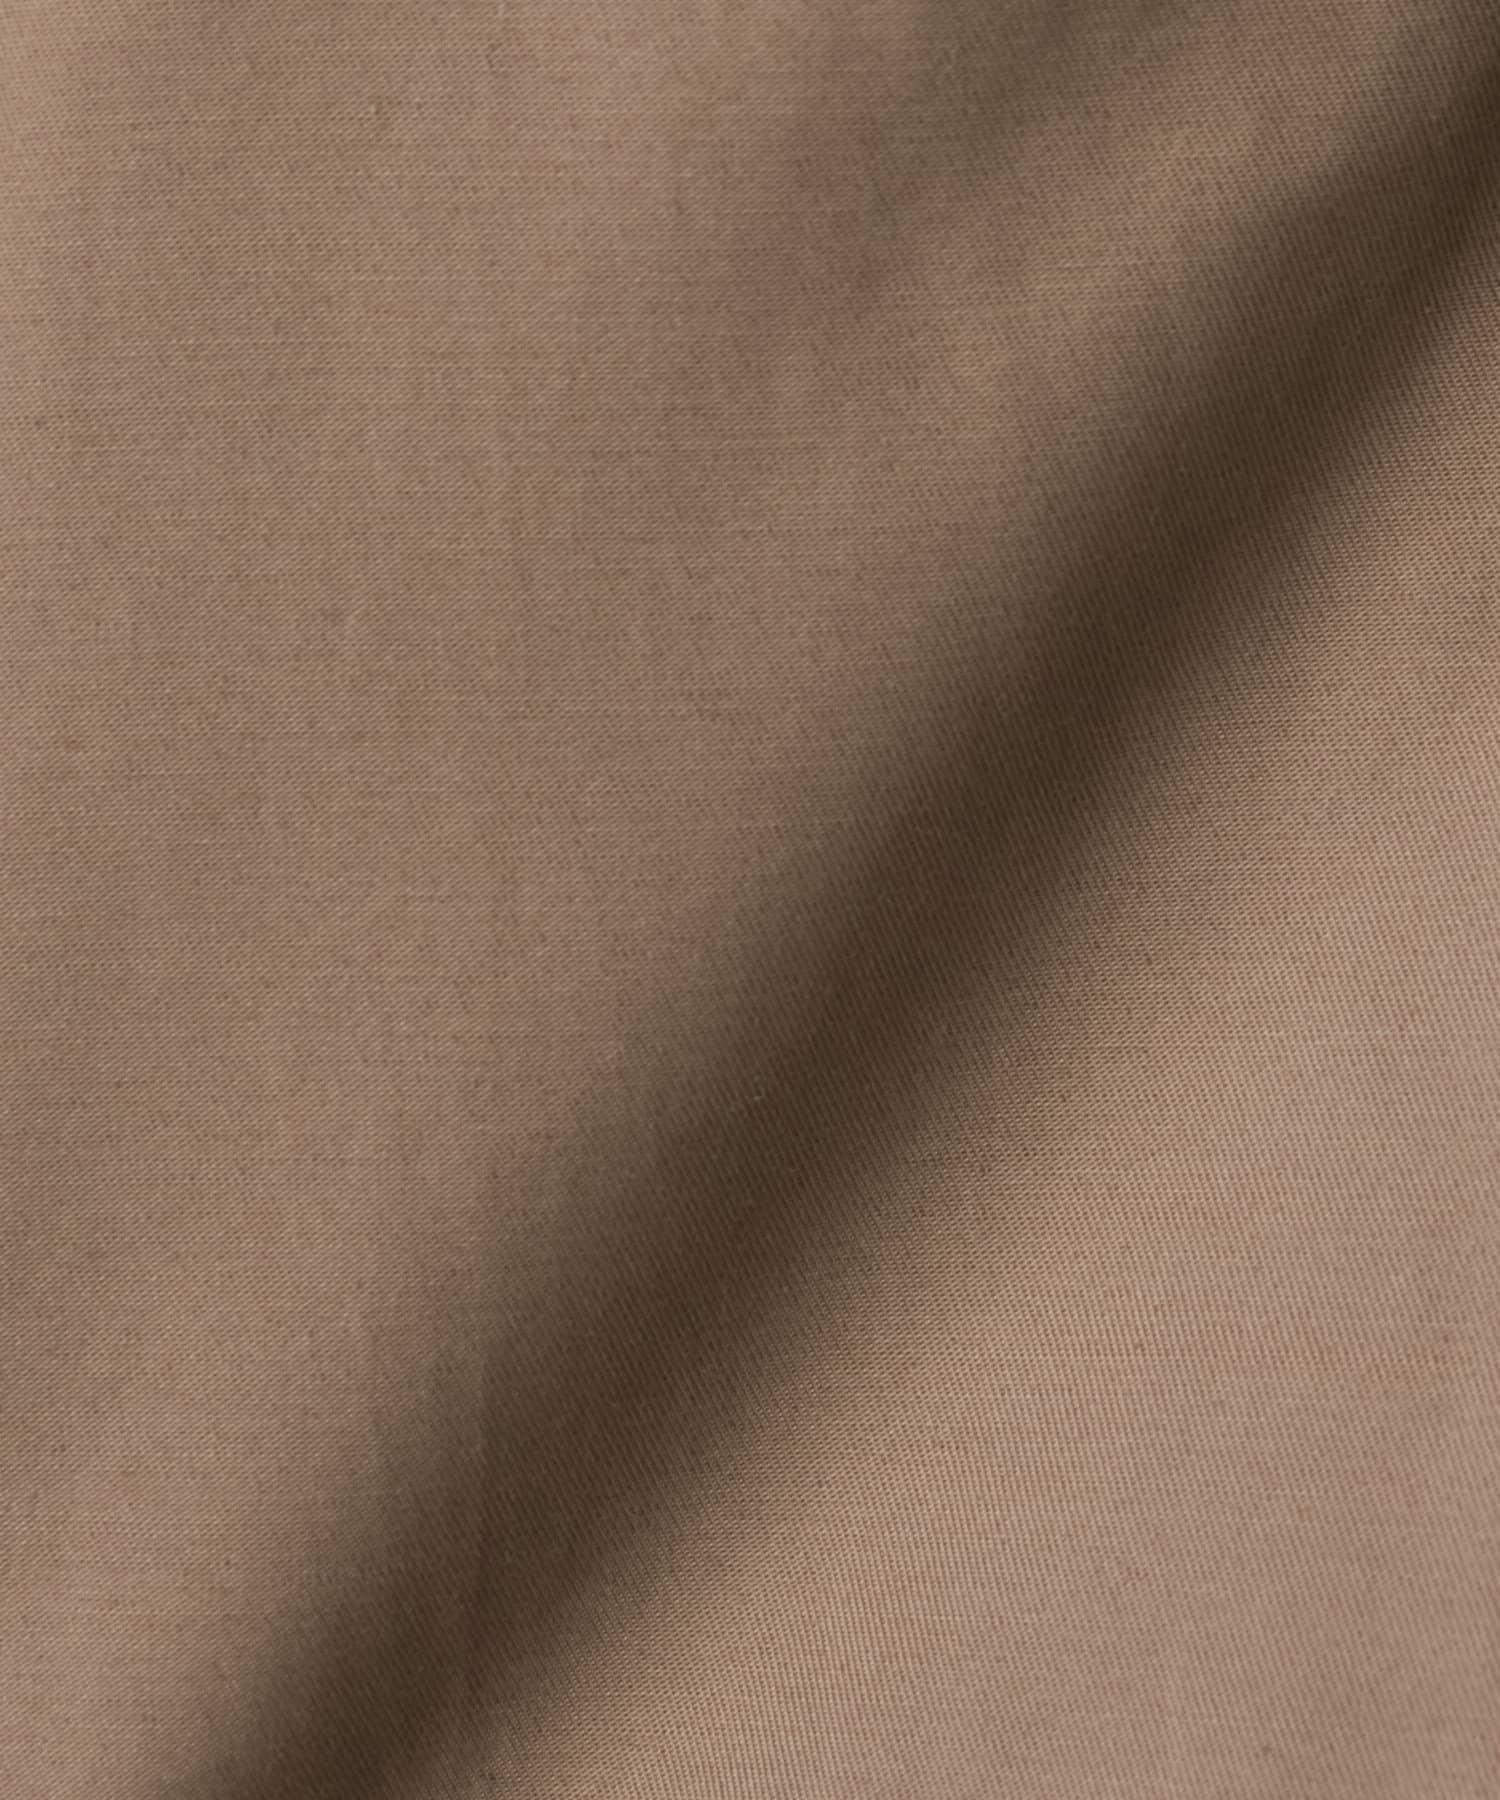 Discoat(ディスコート) 【NIKE/ナイキ】CE プレイヤーズ ウーブン ジャケット